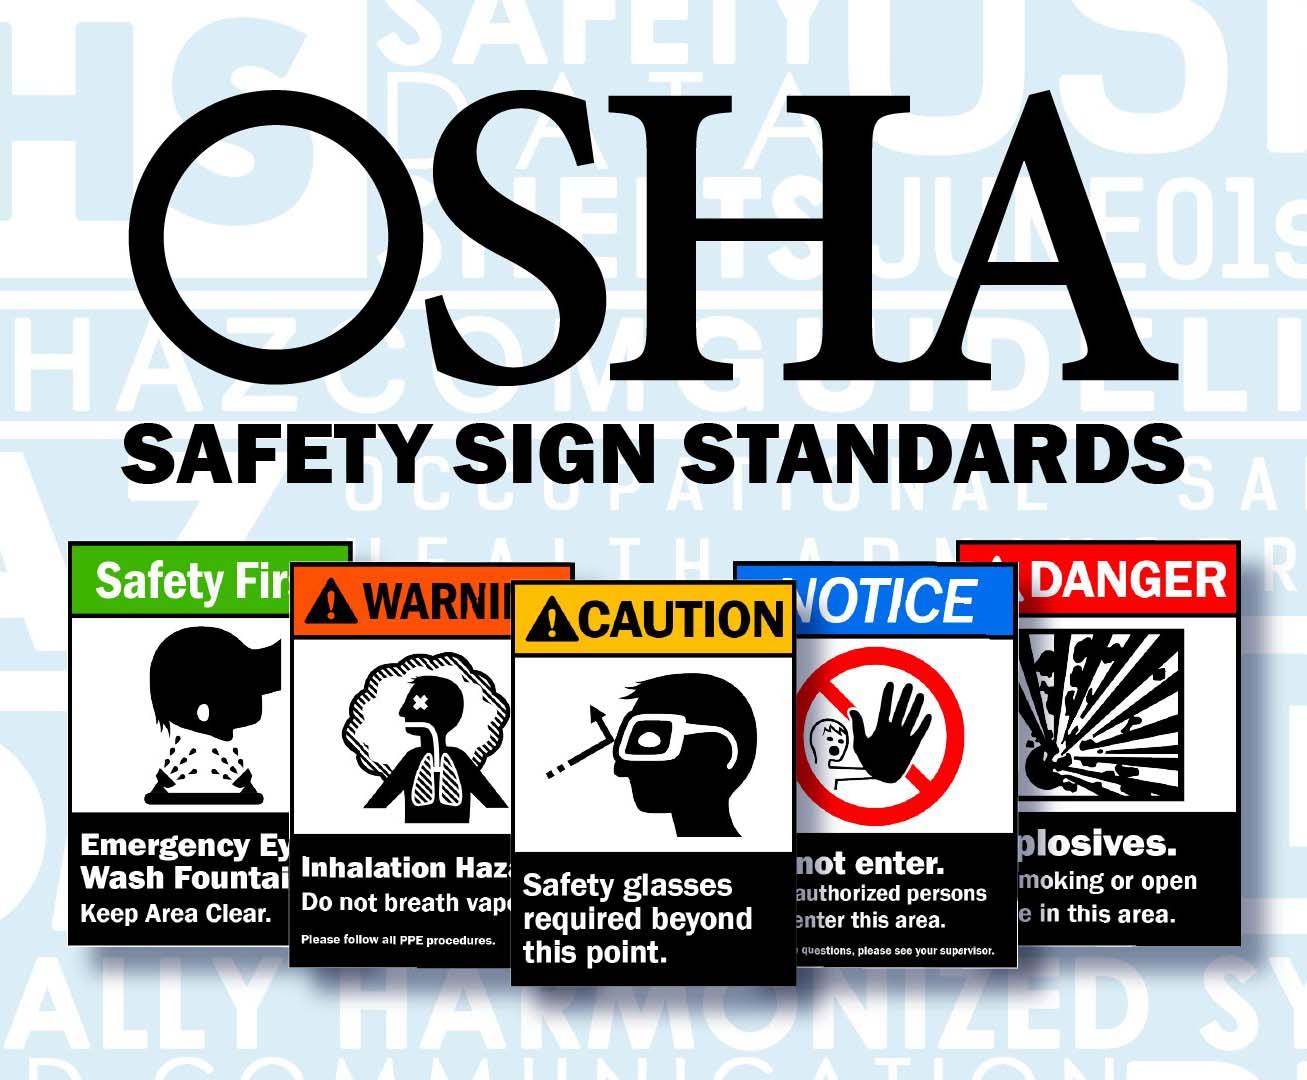 Safety Signs Coupon Code : Loreal Printable Coupons 2018 - Osha Signs Free Printable